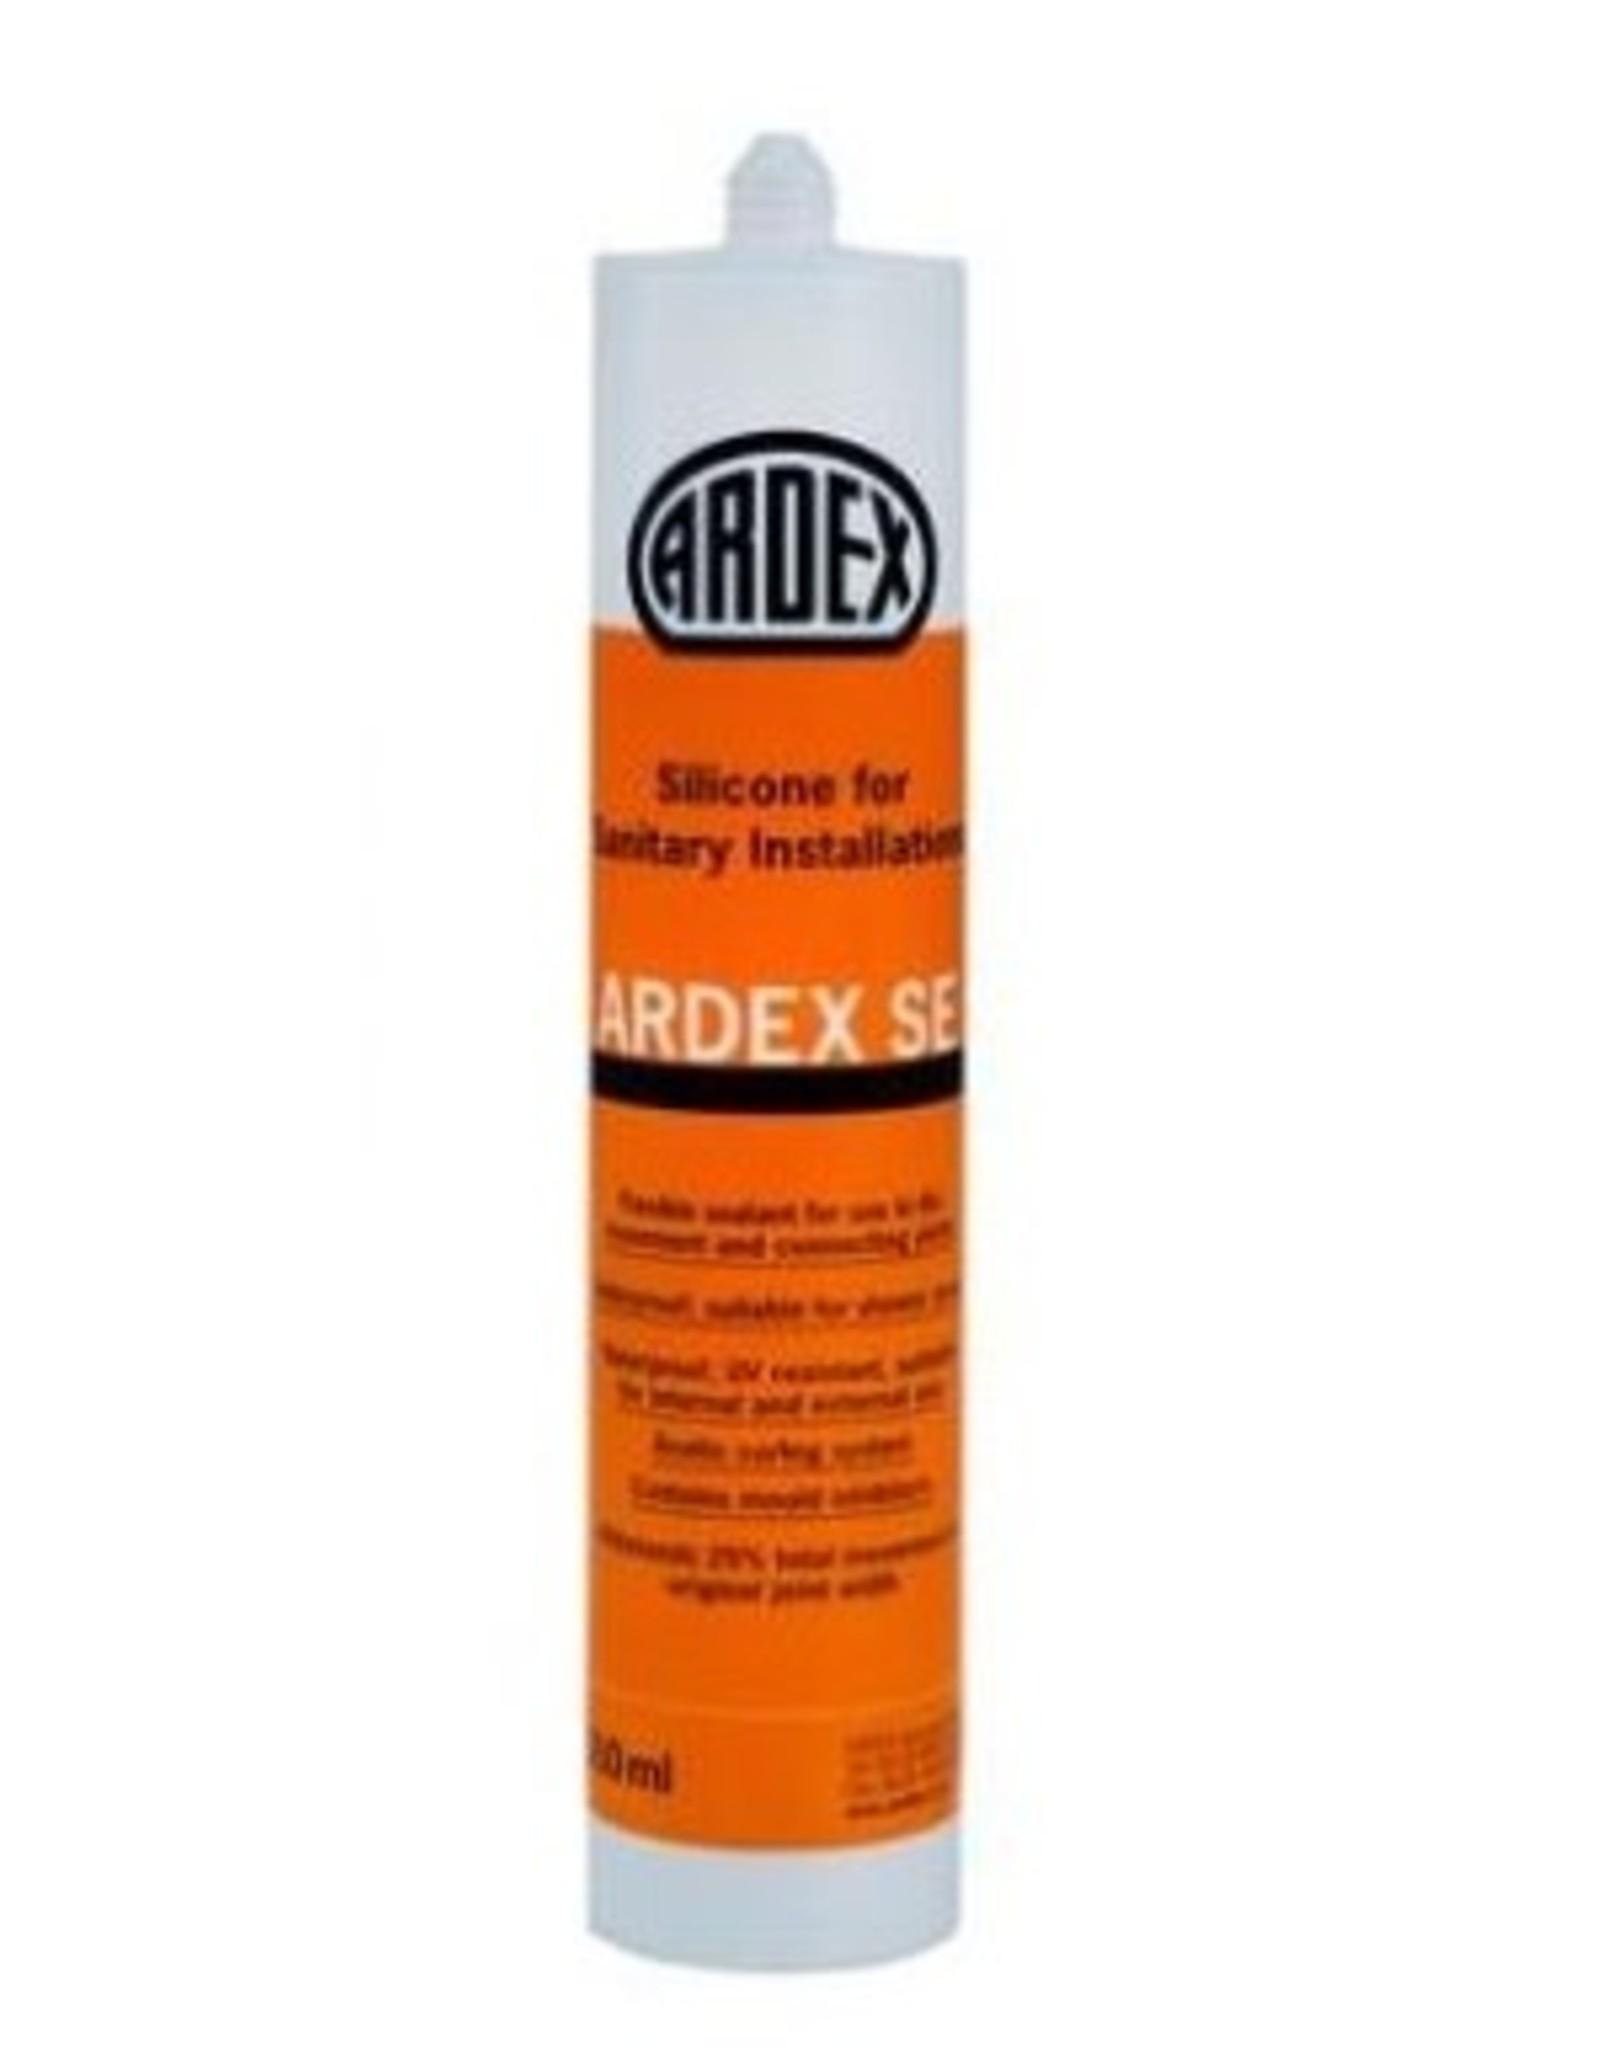 Ardex ARDEX SE Ultra White 310mL Silicone